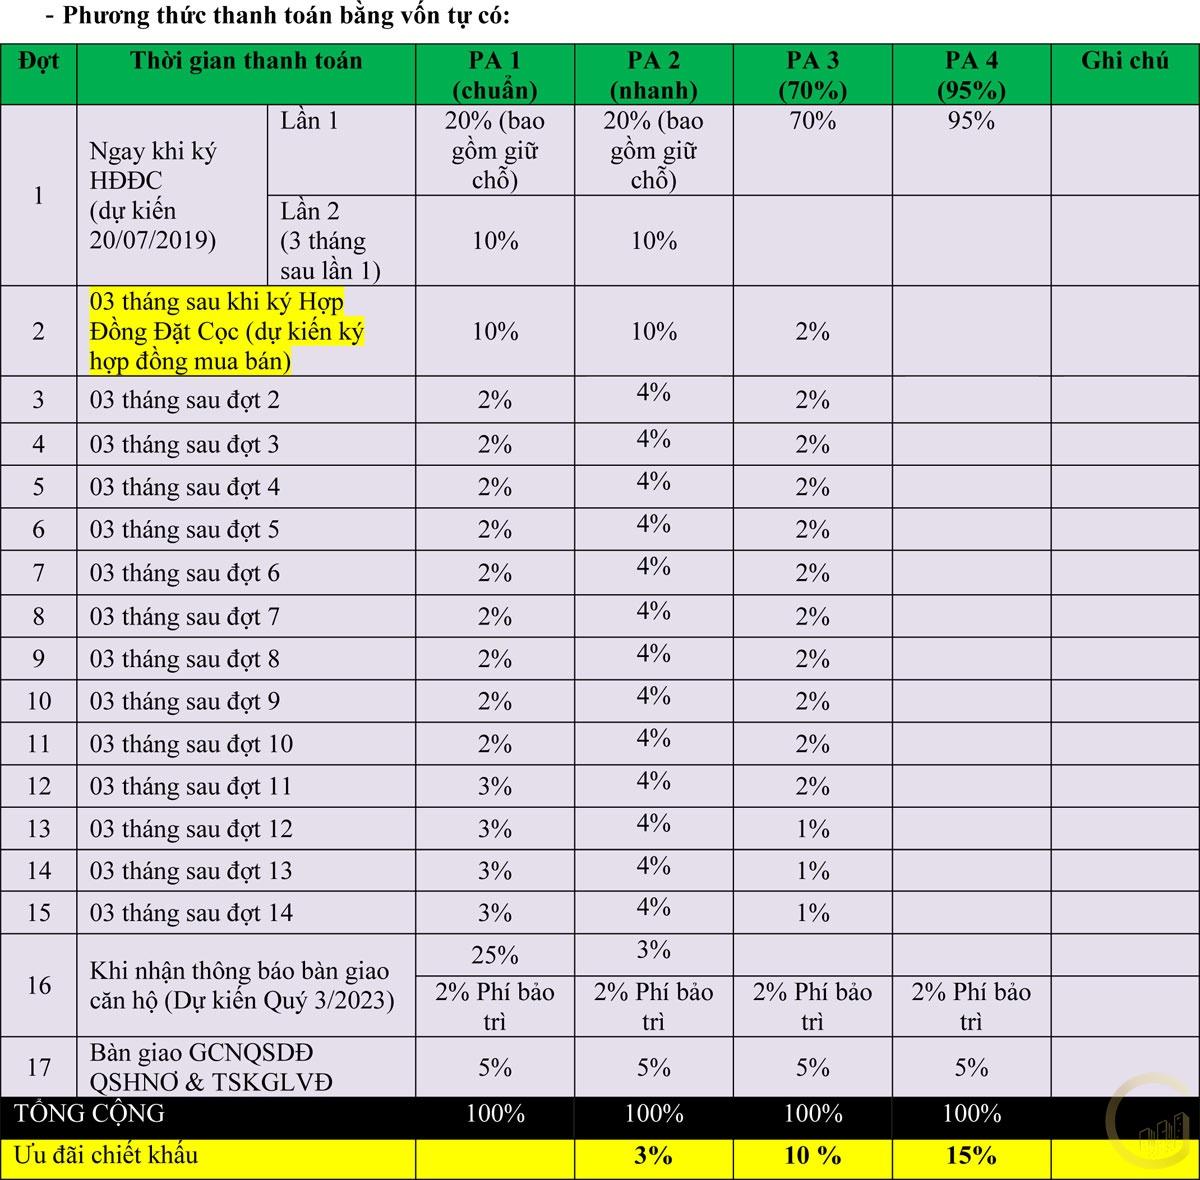 Phương thức thanh toán dự án Thanh Long Bay Phan Thiết